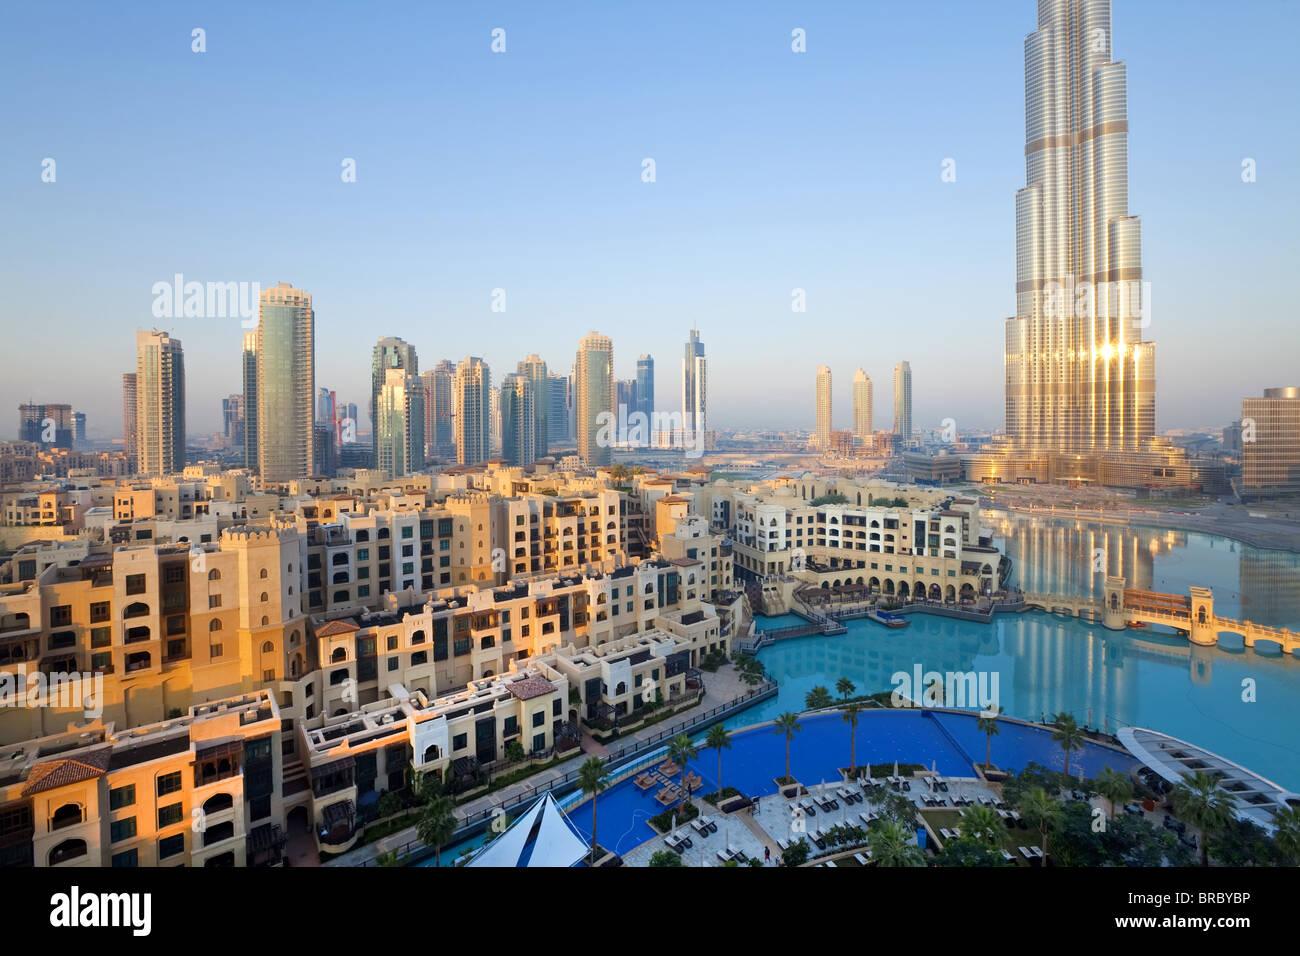 Il Burj Khalifa, completata nel 2010, uomo più alto struttura realizzata nel mondo, Dubai, UAE Foto Stock